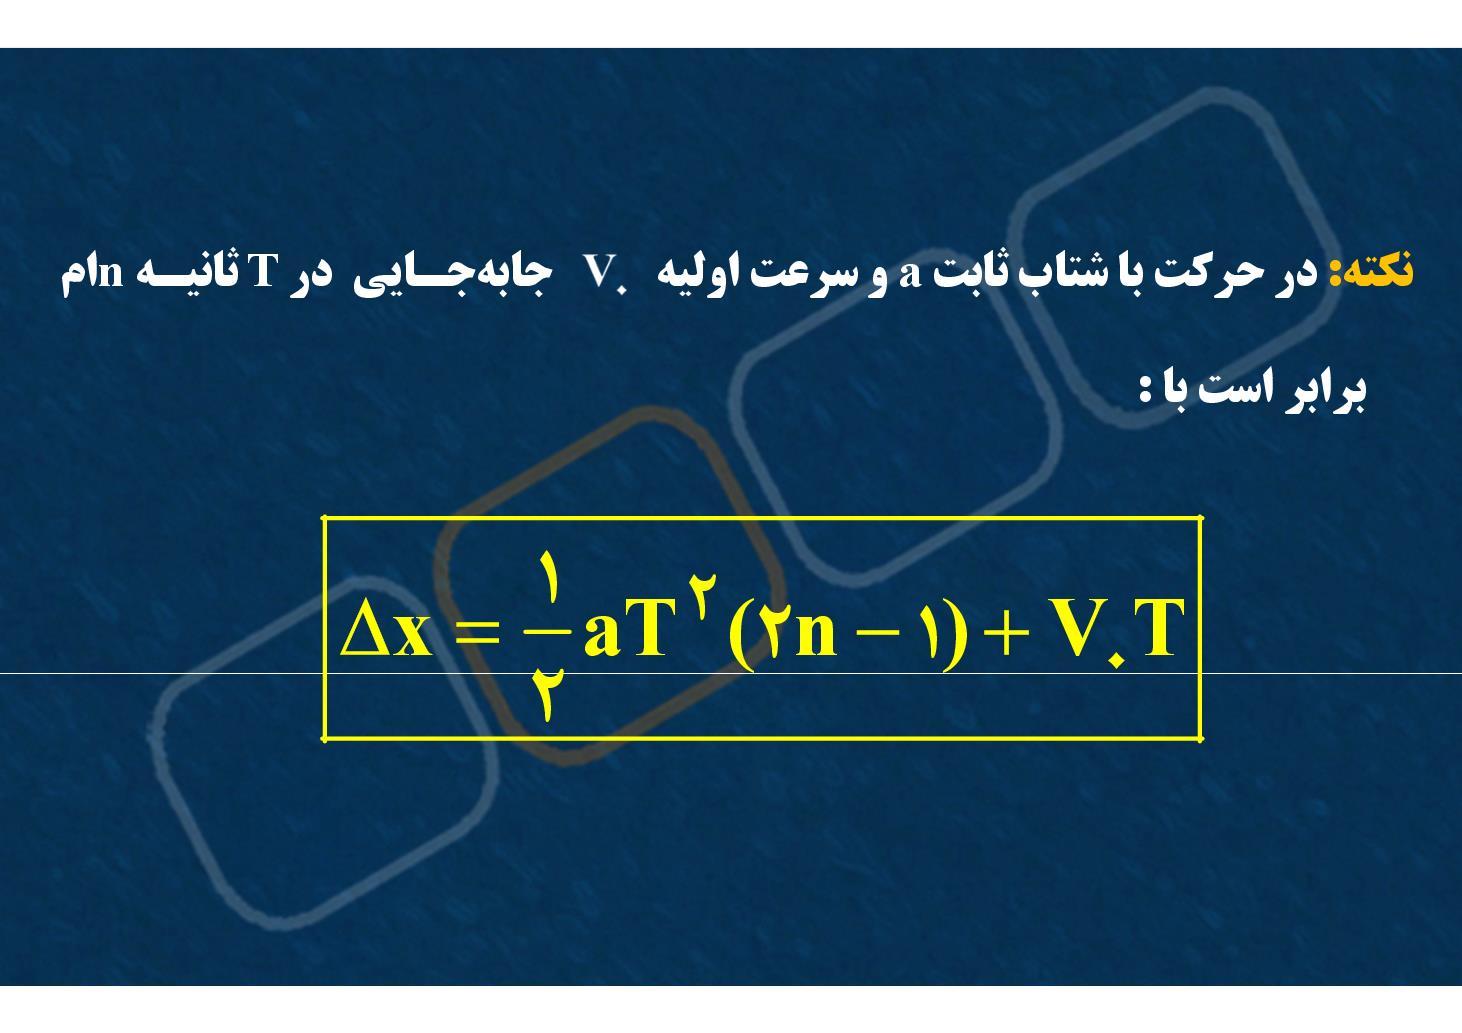 فیزیک٢- فصل ٢- محاسبه جابهجایی در حرکت با شتاب ثابت روی خط راست- بخش ٢ (PDF)